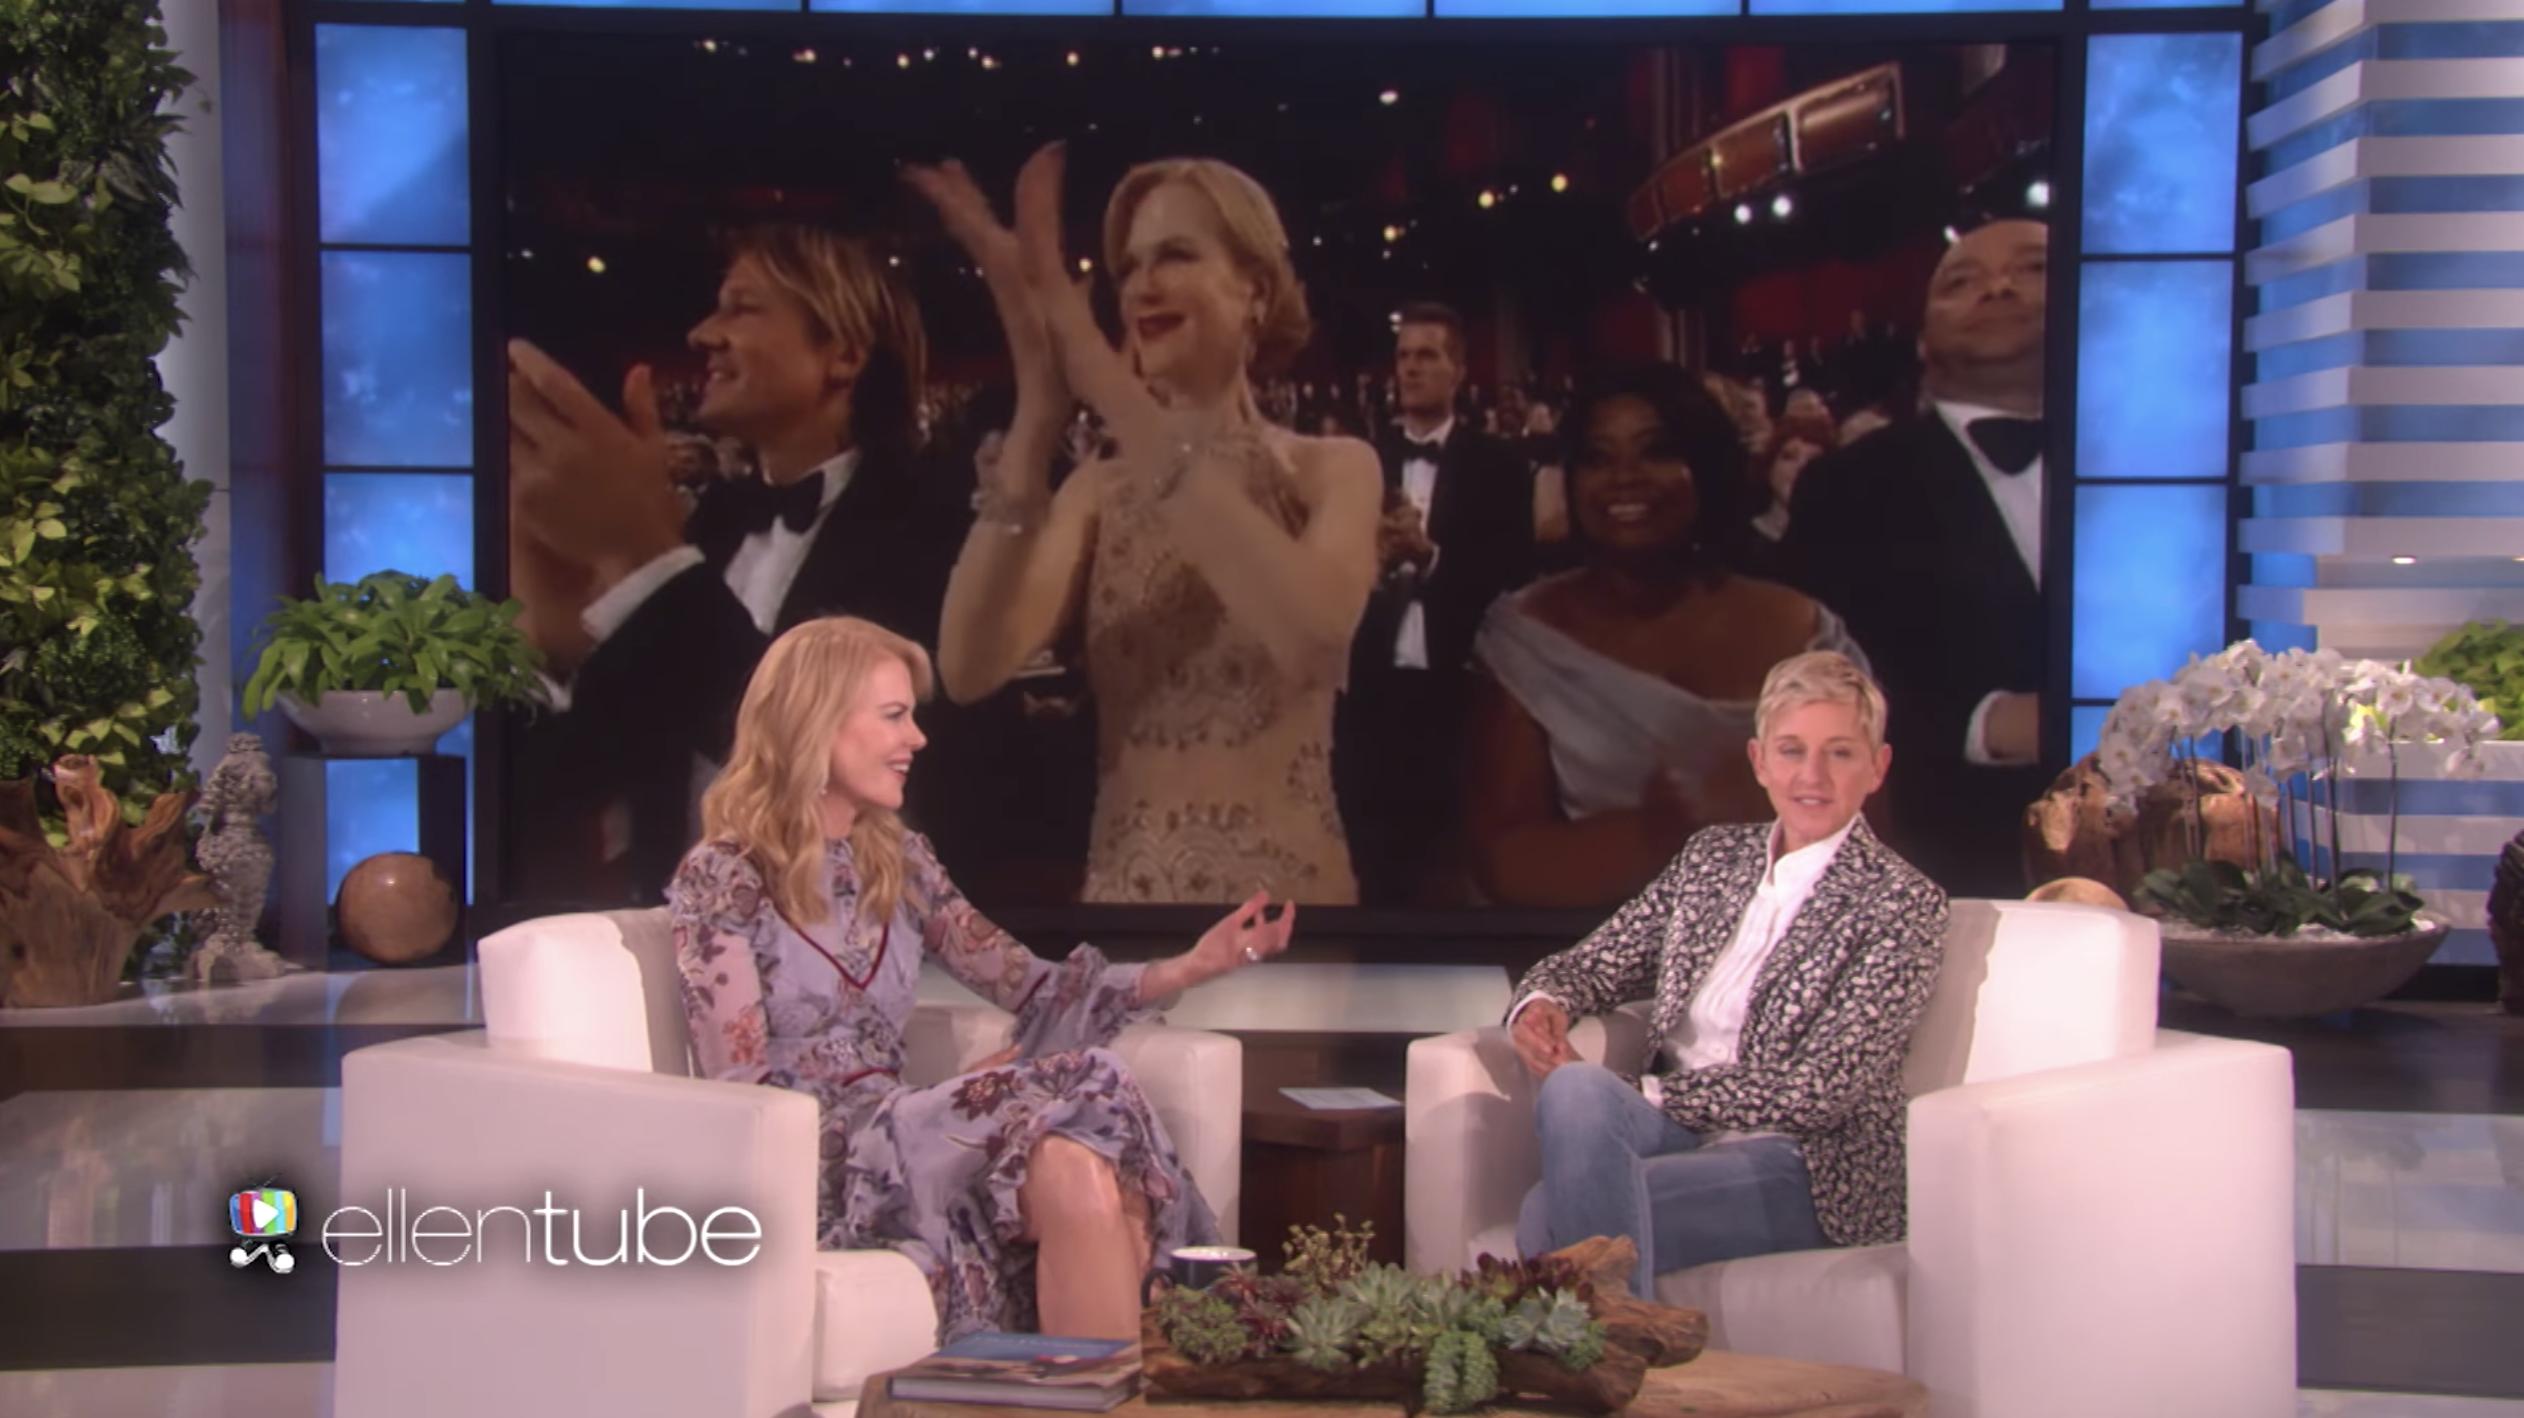 Nicole Kidman appearing on The Ellen Show